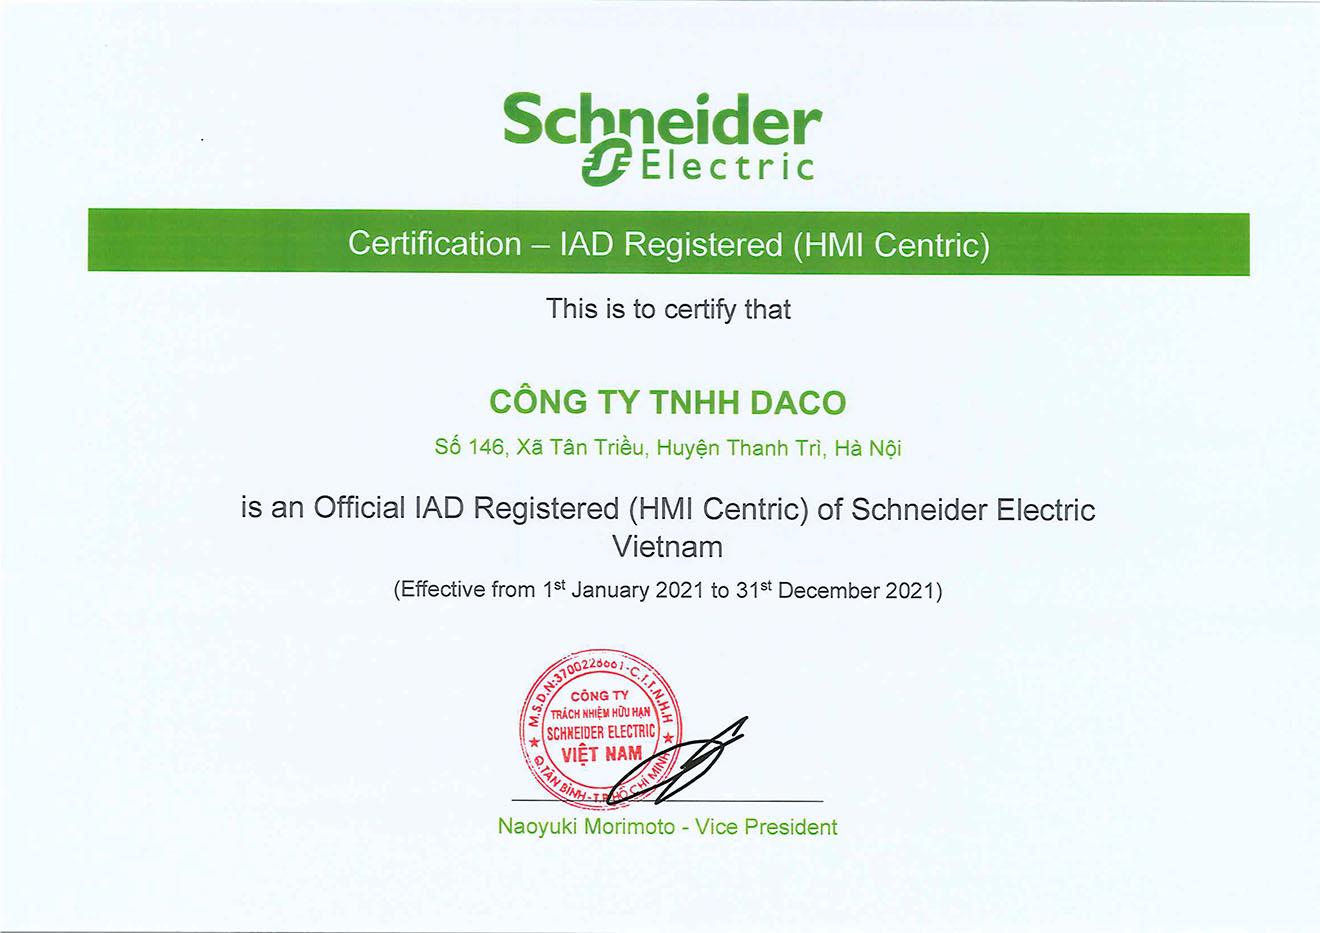 DACO nhà phân phối thiết bị điện tự động hóa công nghiệp tại Việt nam